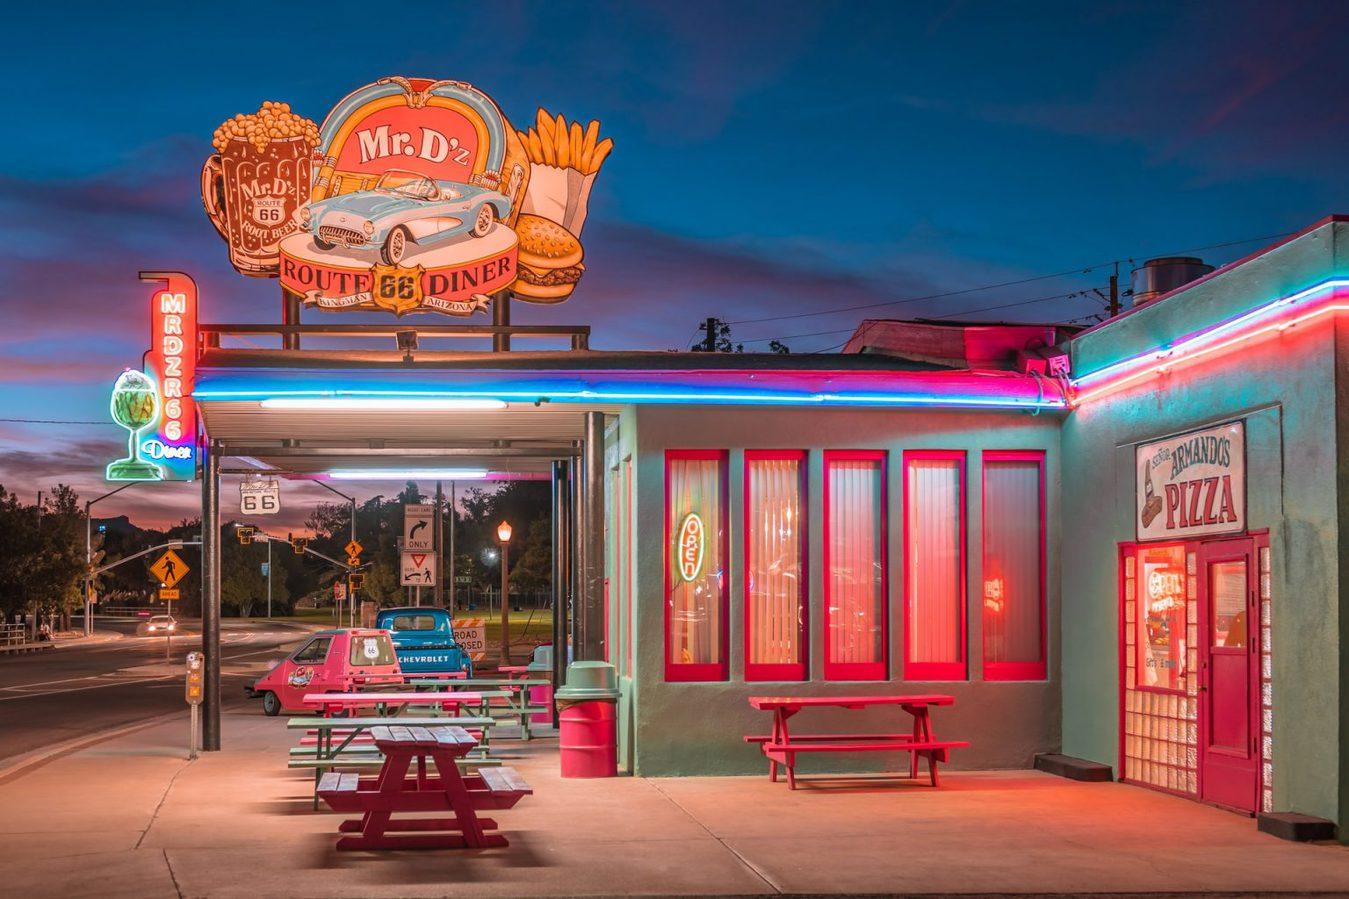 Luzes Neon em um Restaurante Americano